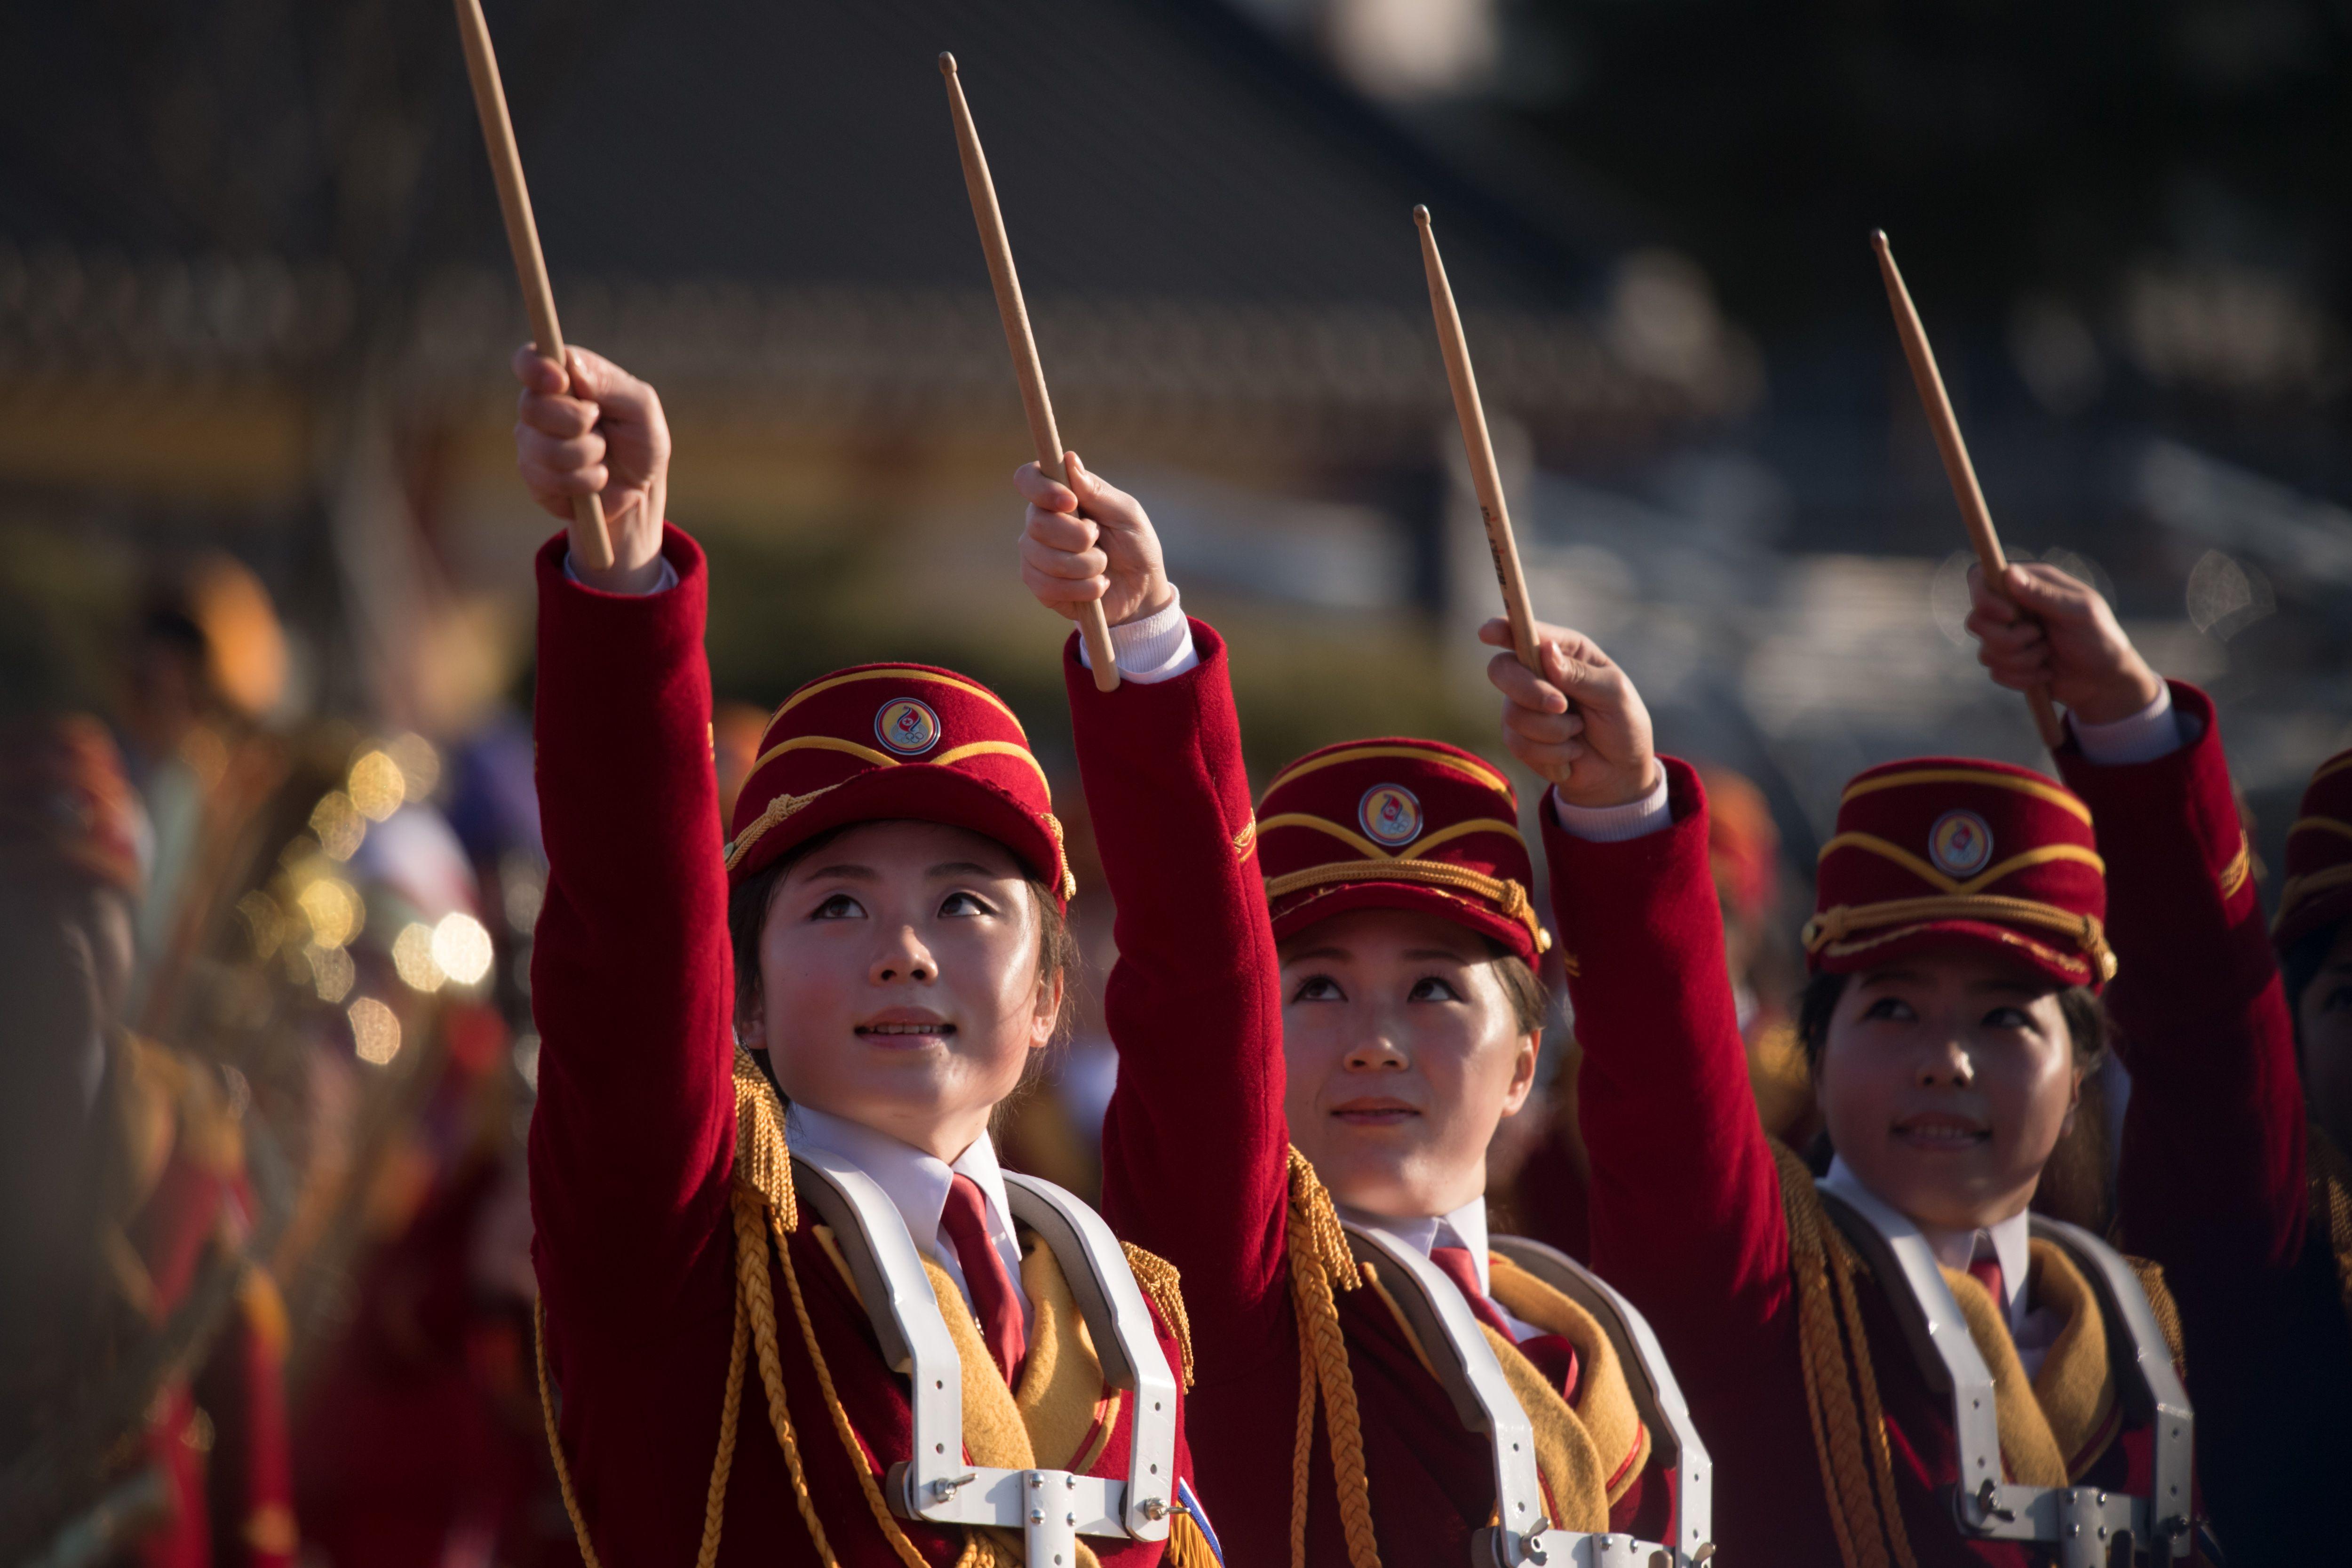 عروض موسيقية لحسناوات كوريا الشمالية فى الشطر الجنوبى